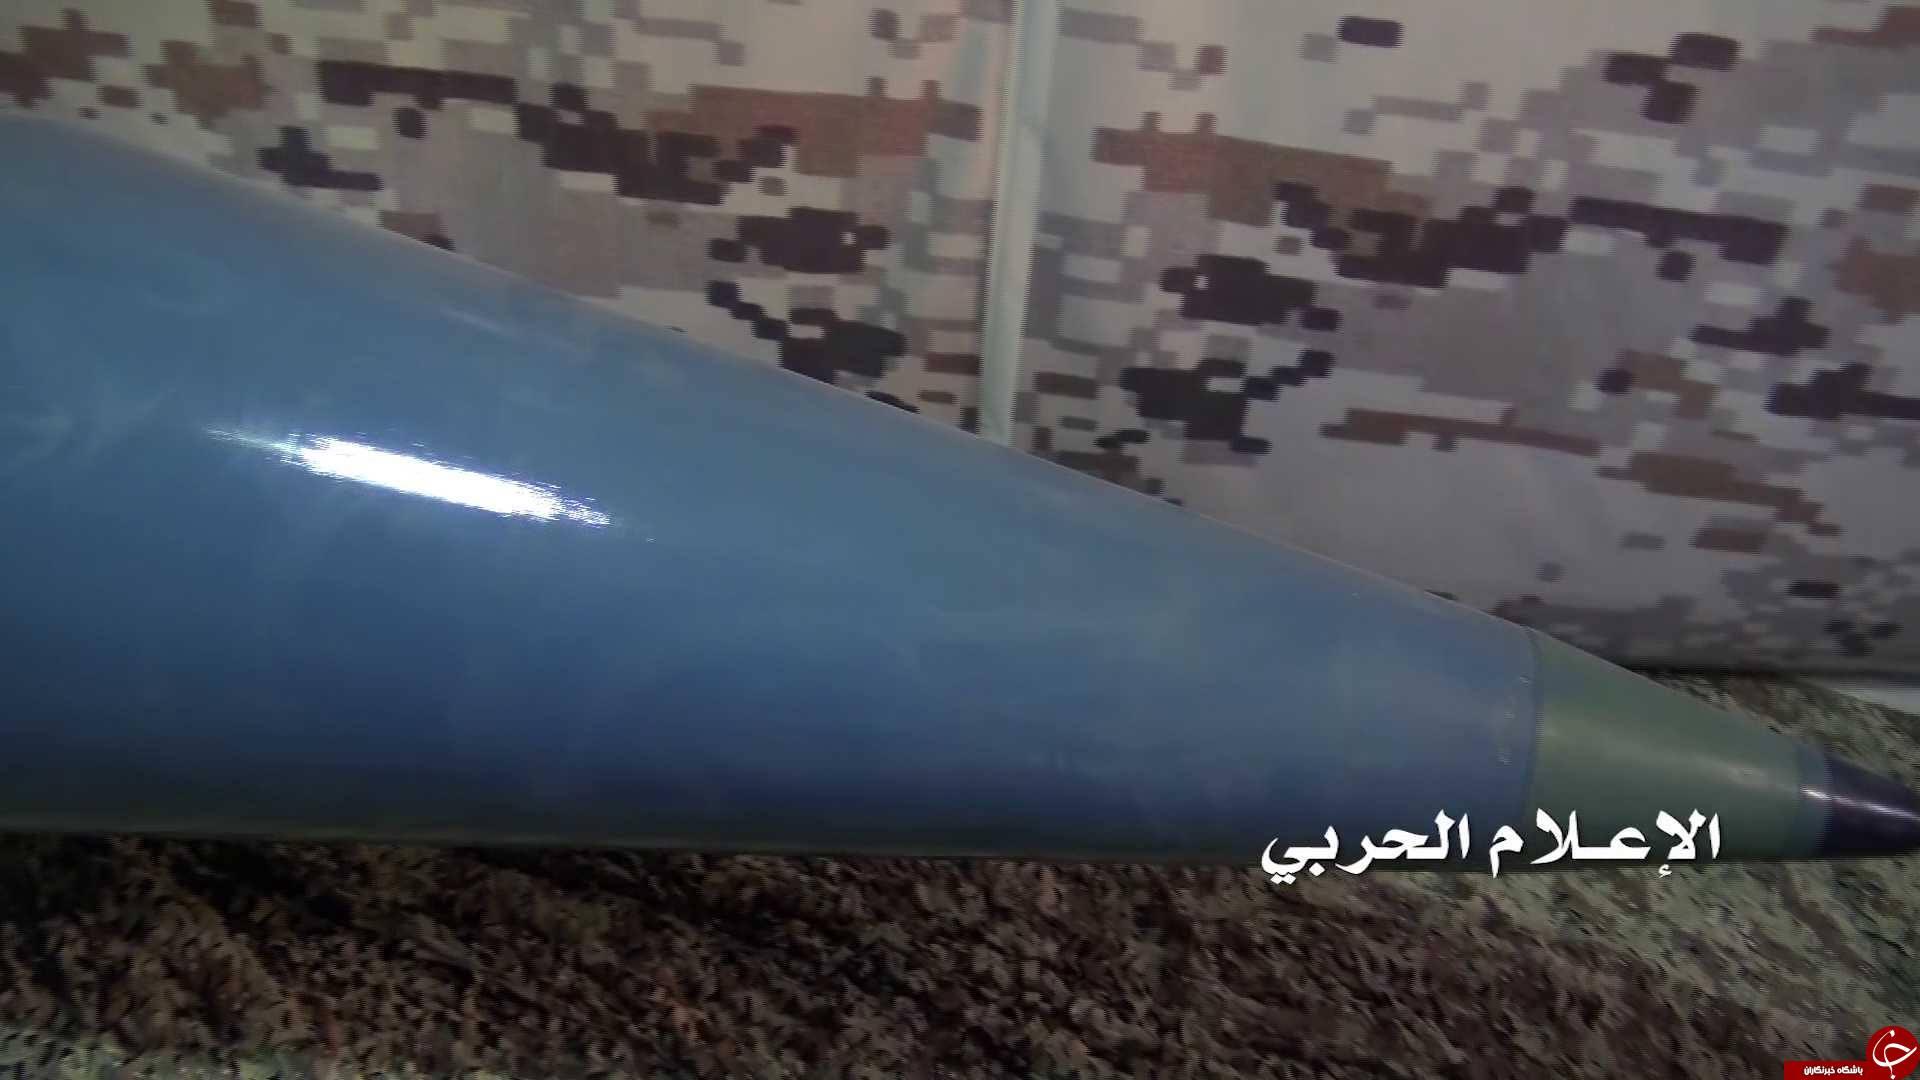 کدام موشک انصارالله مهمان آسمان جده شد + تصاویر